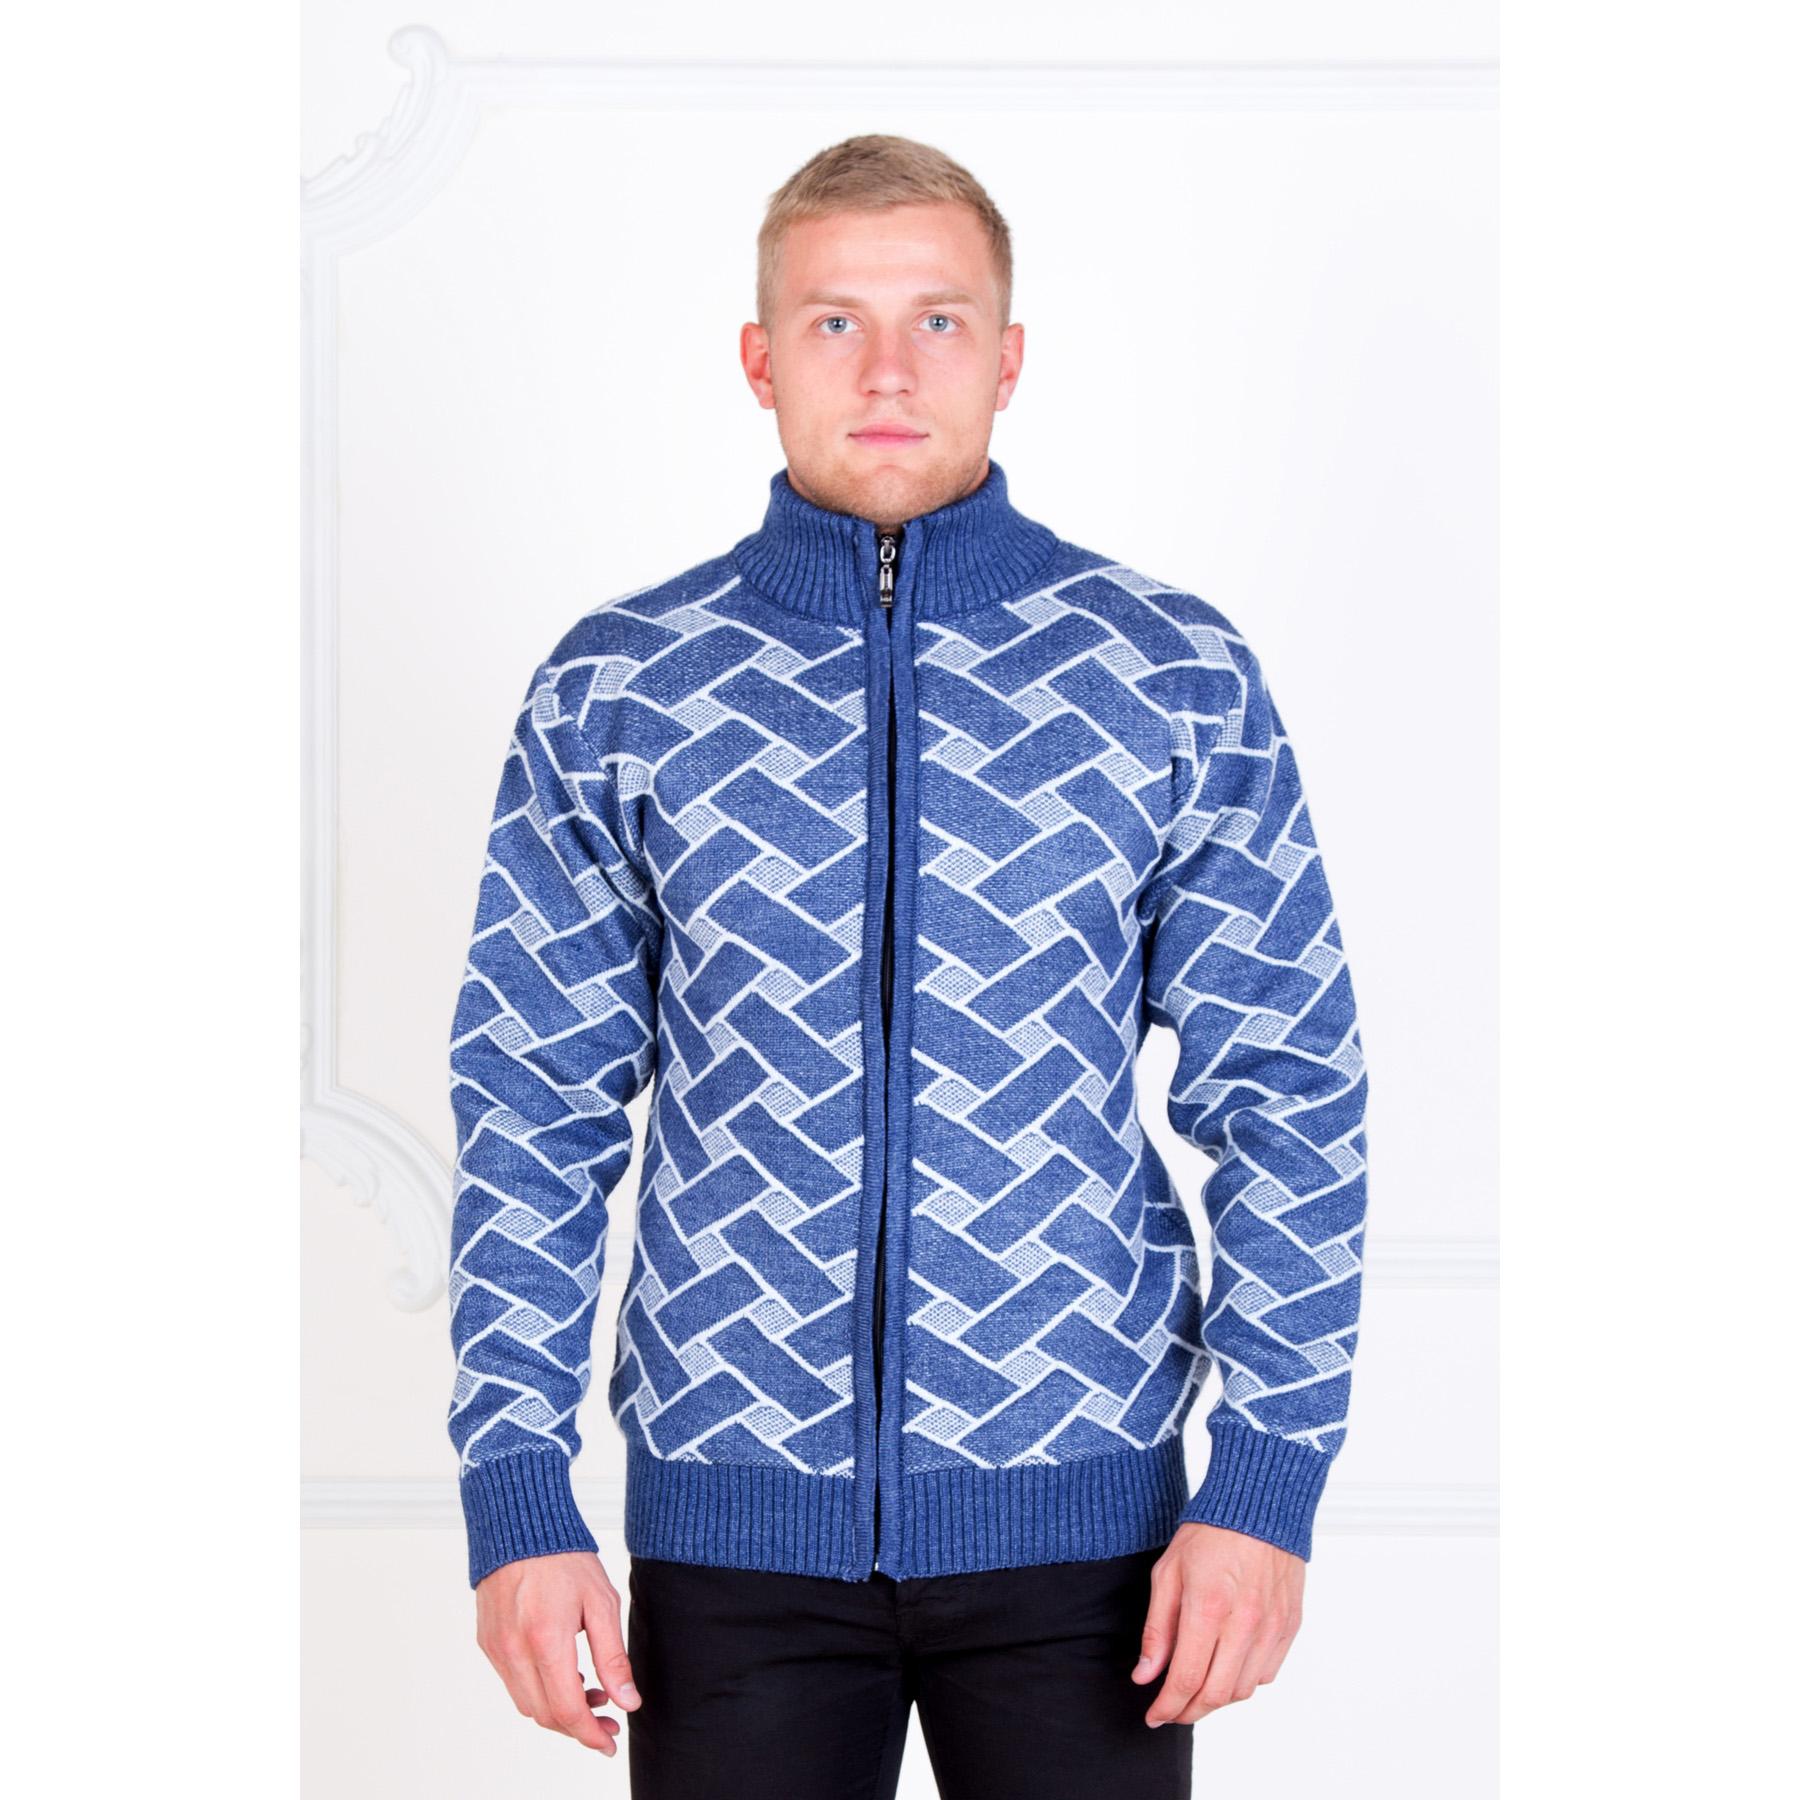 Мужской жакет синий «Оксфорд» , размер 50Толстовки, джемпера и рубашки<br>Обхват груди:100 см<br>Обхват талии:92 см<br>Обхват бедер:106 см<br>Рост:176-182 см<br><br>Тип: Муж. кофта<br>Размер: 50<br>Материал: Овечья шерсть